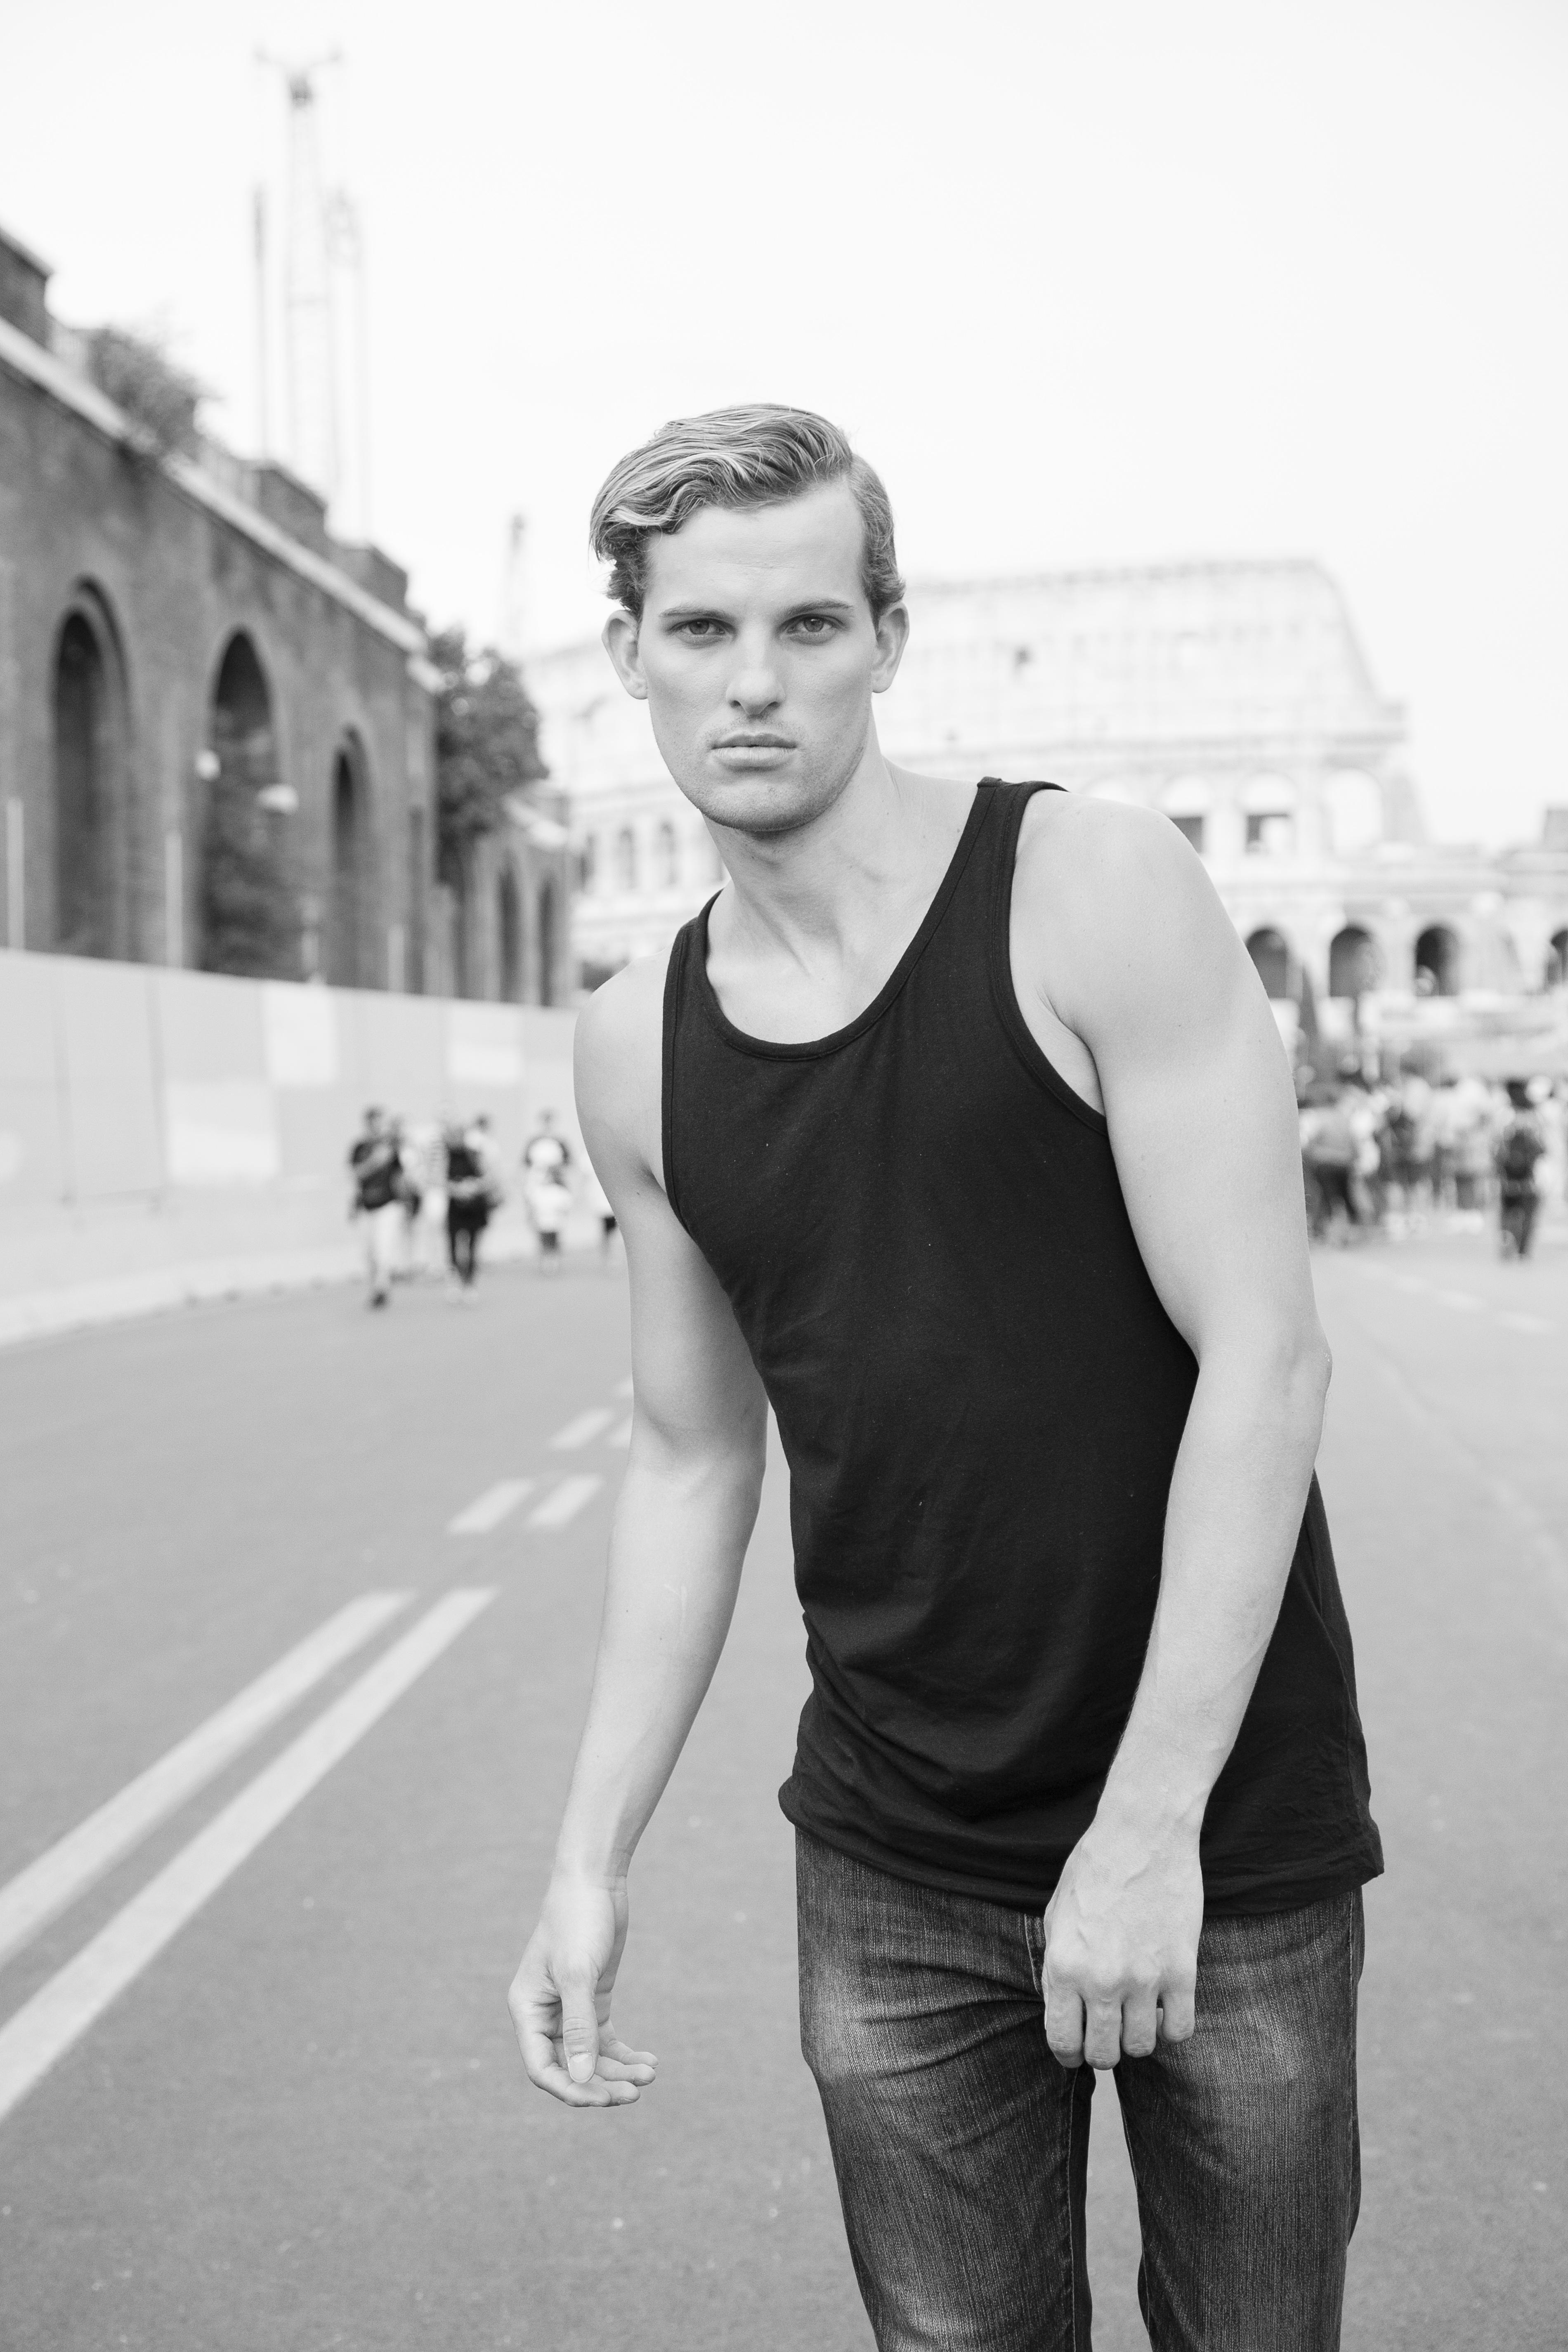 ANTM Alum's Chris H in Rome